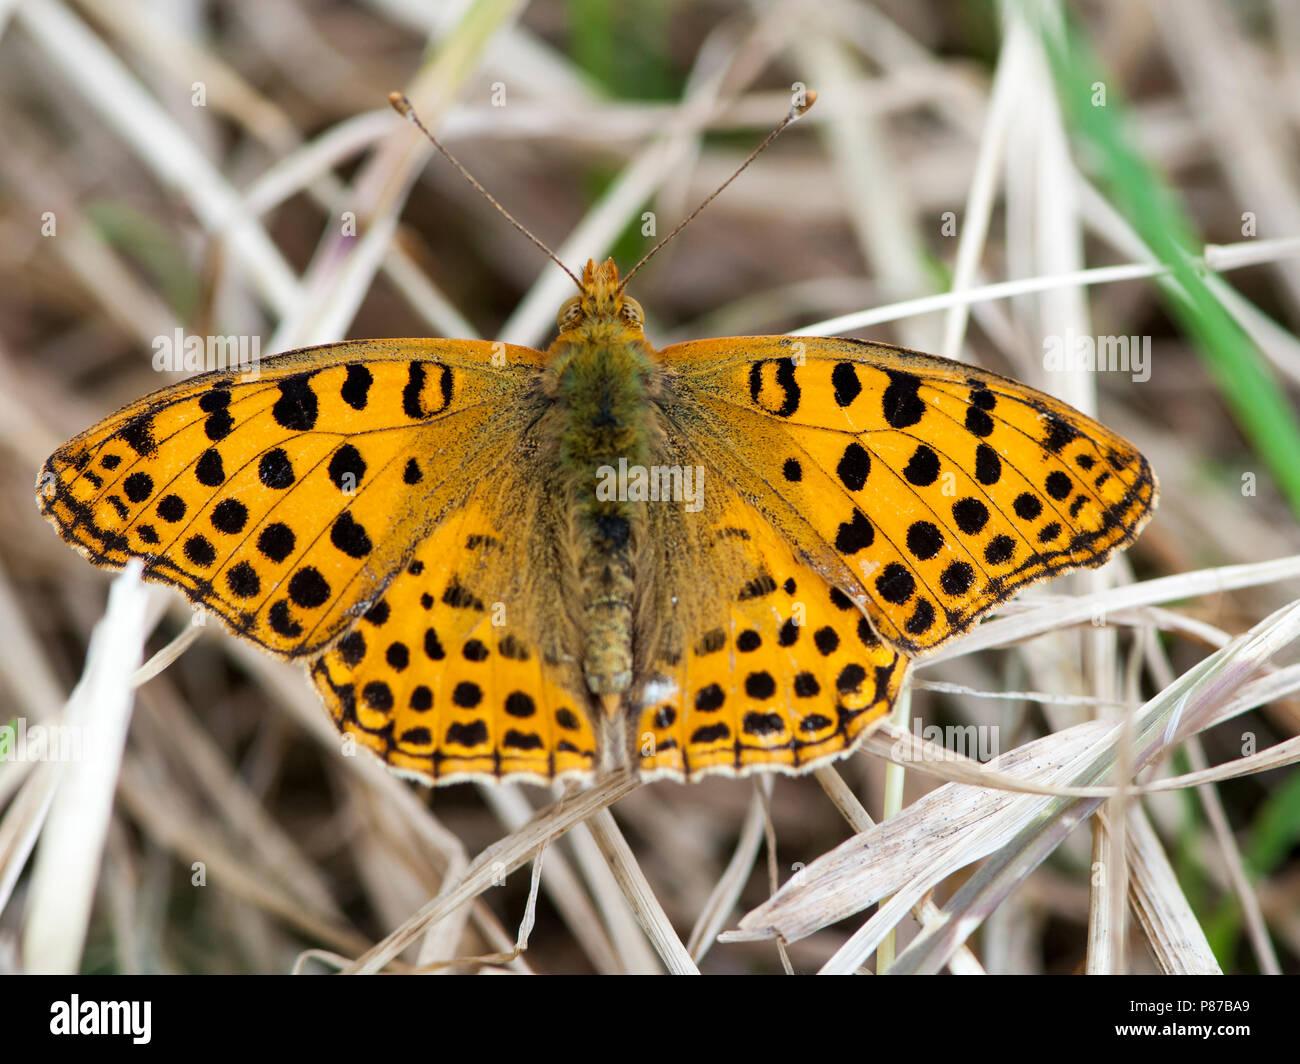 Kleine parelmoervlinder, Queen of Spain Fritillary Stock Photo